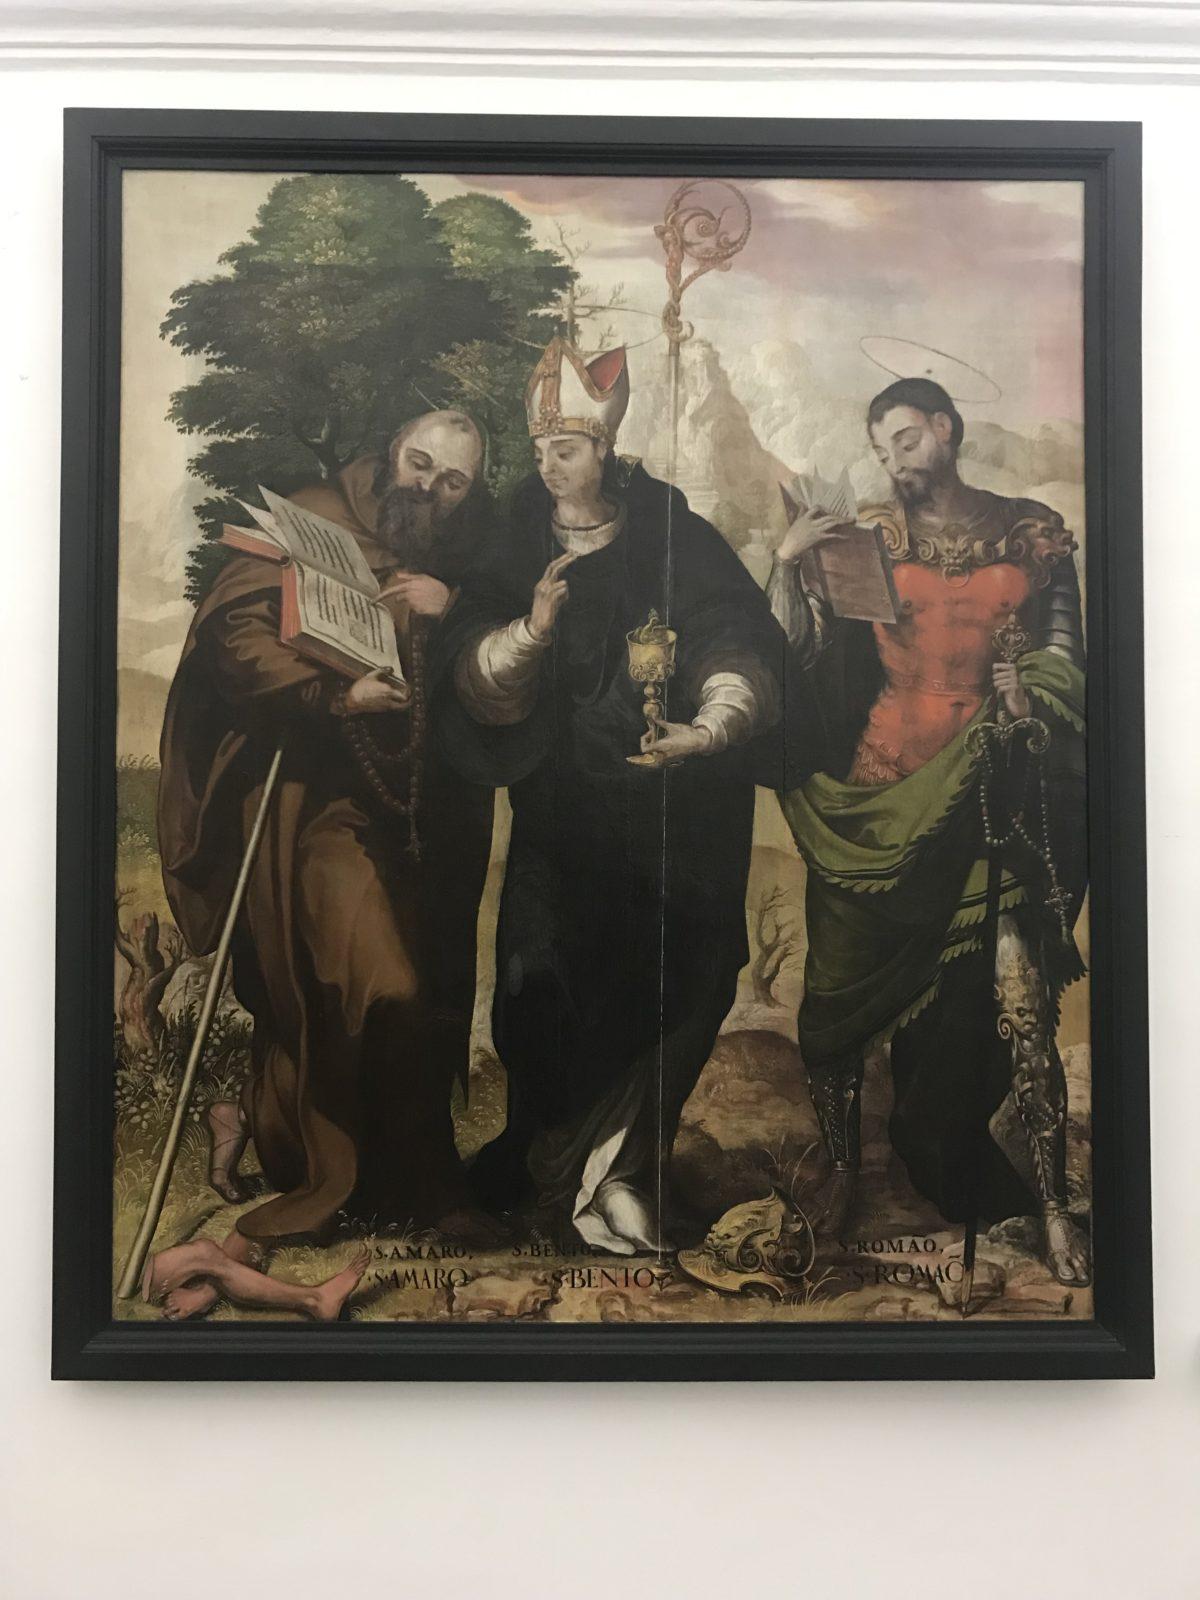 Amarus, Benedict, Romanus